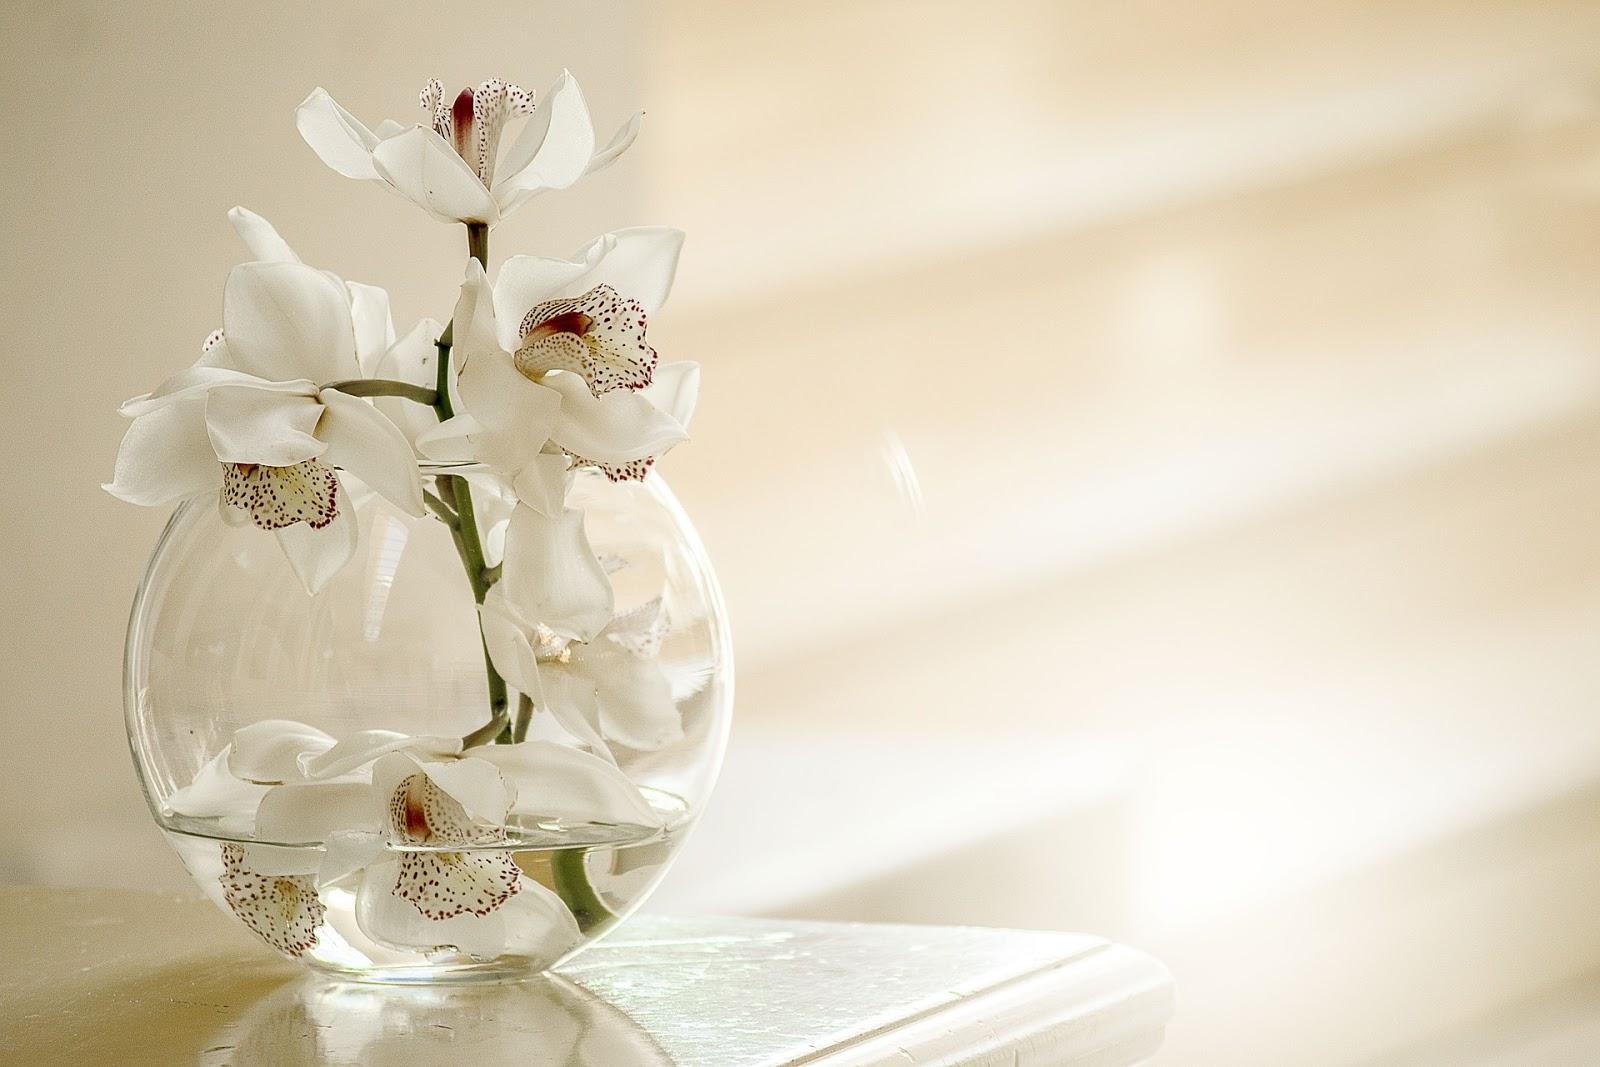 wallpaper gambar bunga anggrek